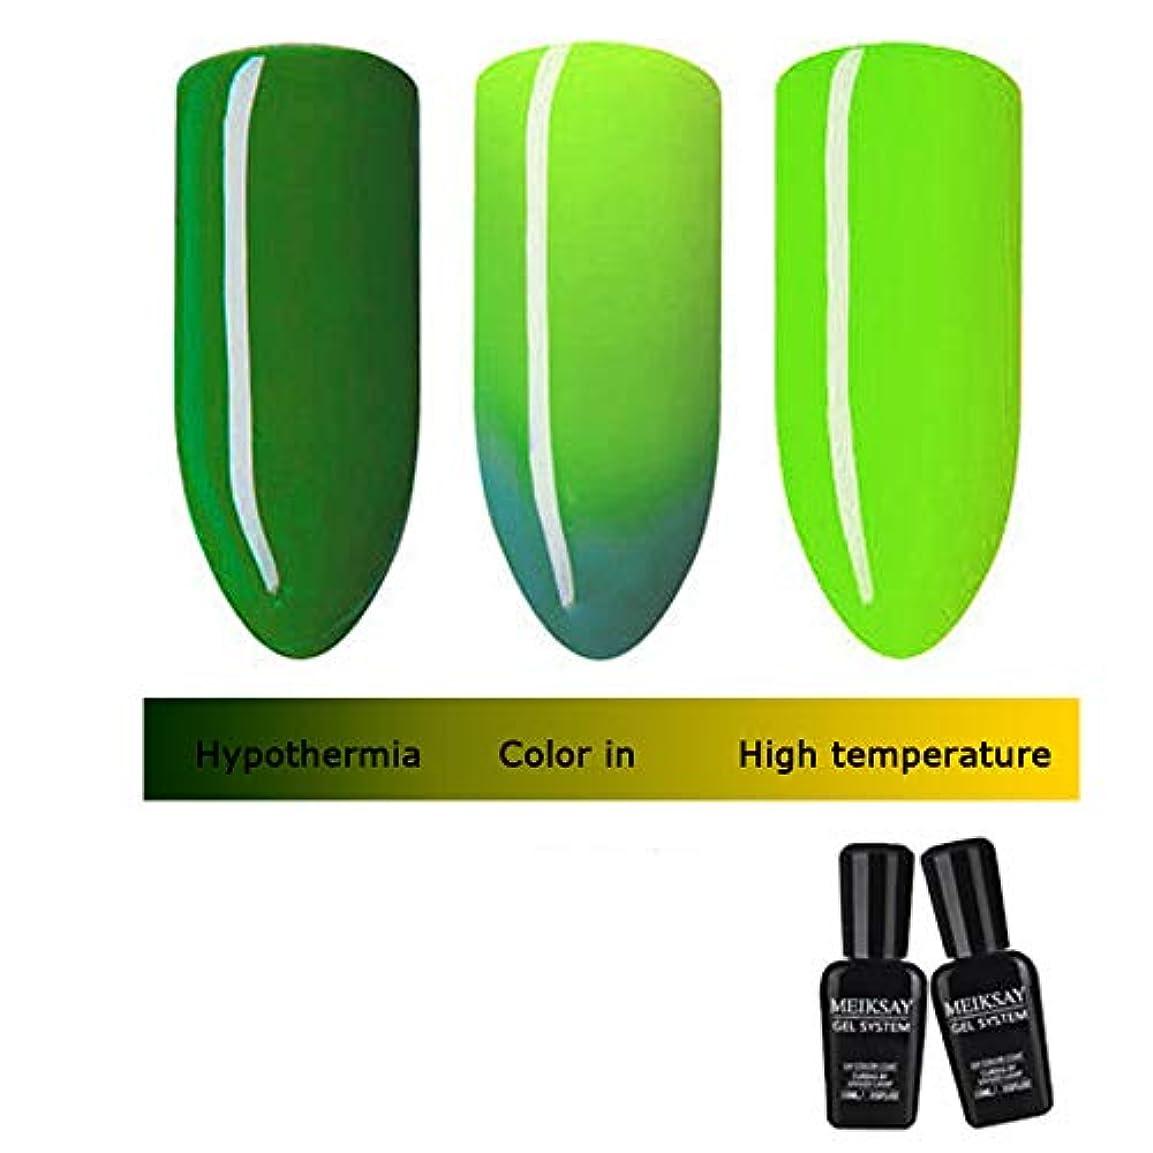 商品発明船乗りLazayyii マニキュア サーモクロミック光線療法のり 熱温度変化色 ネイルラッカーUV LEDポリッシュゲル (B)